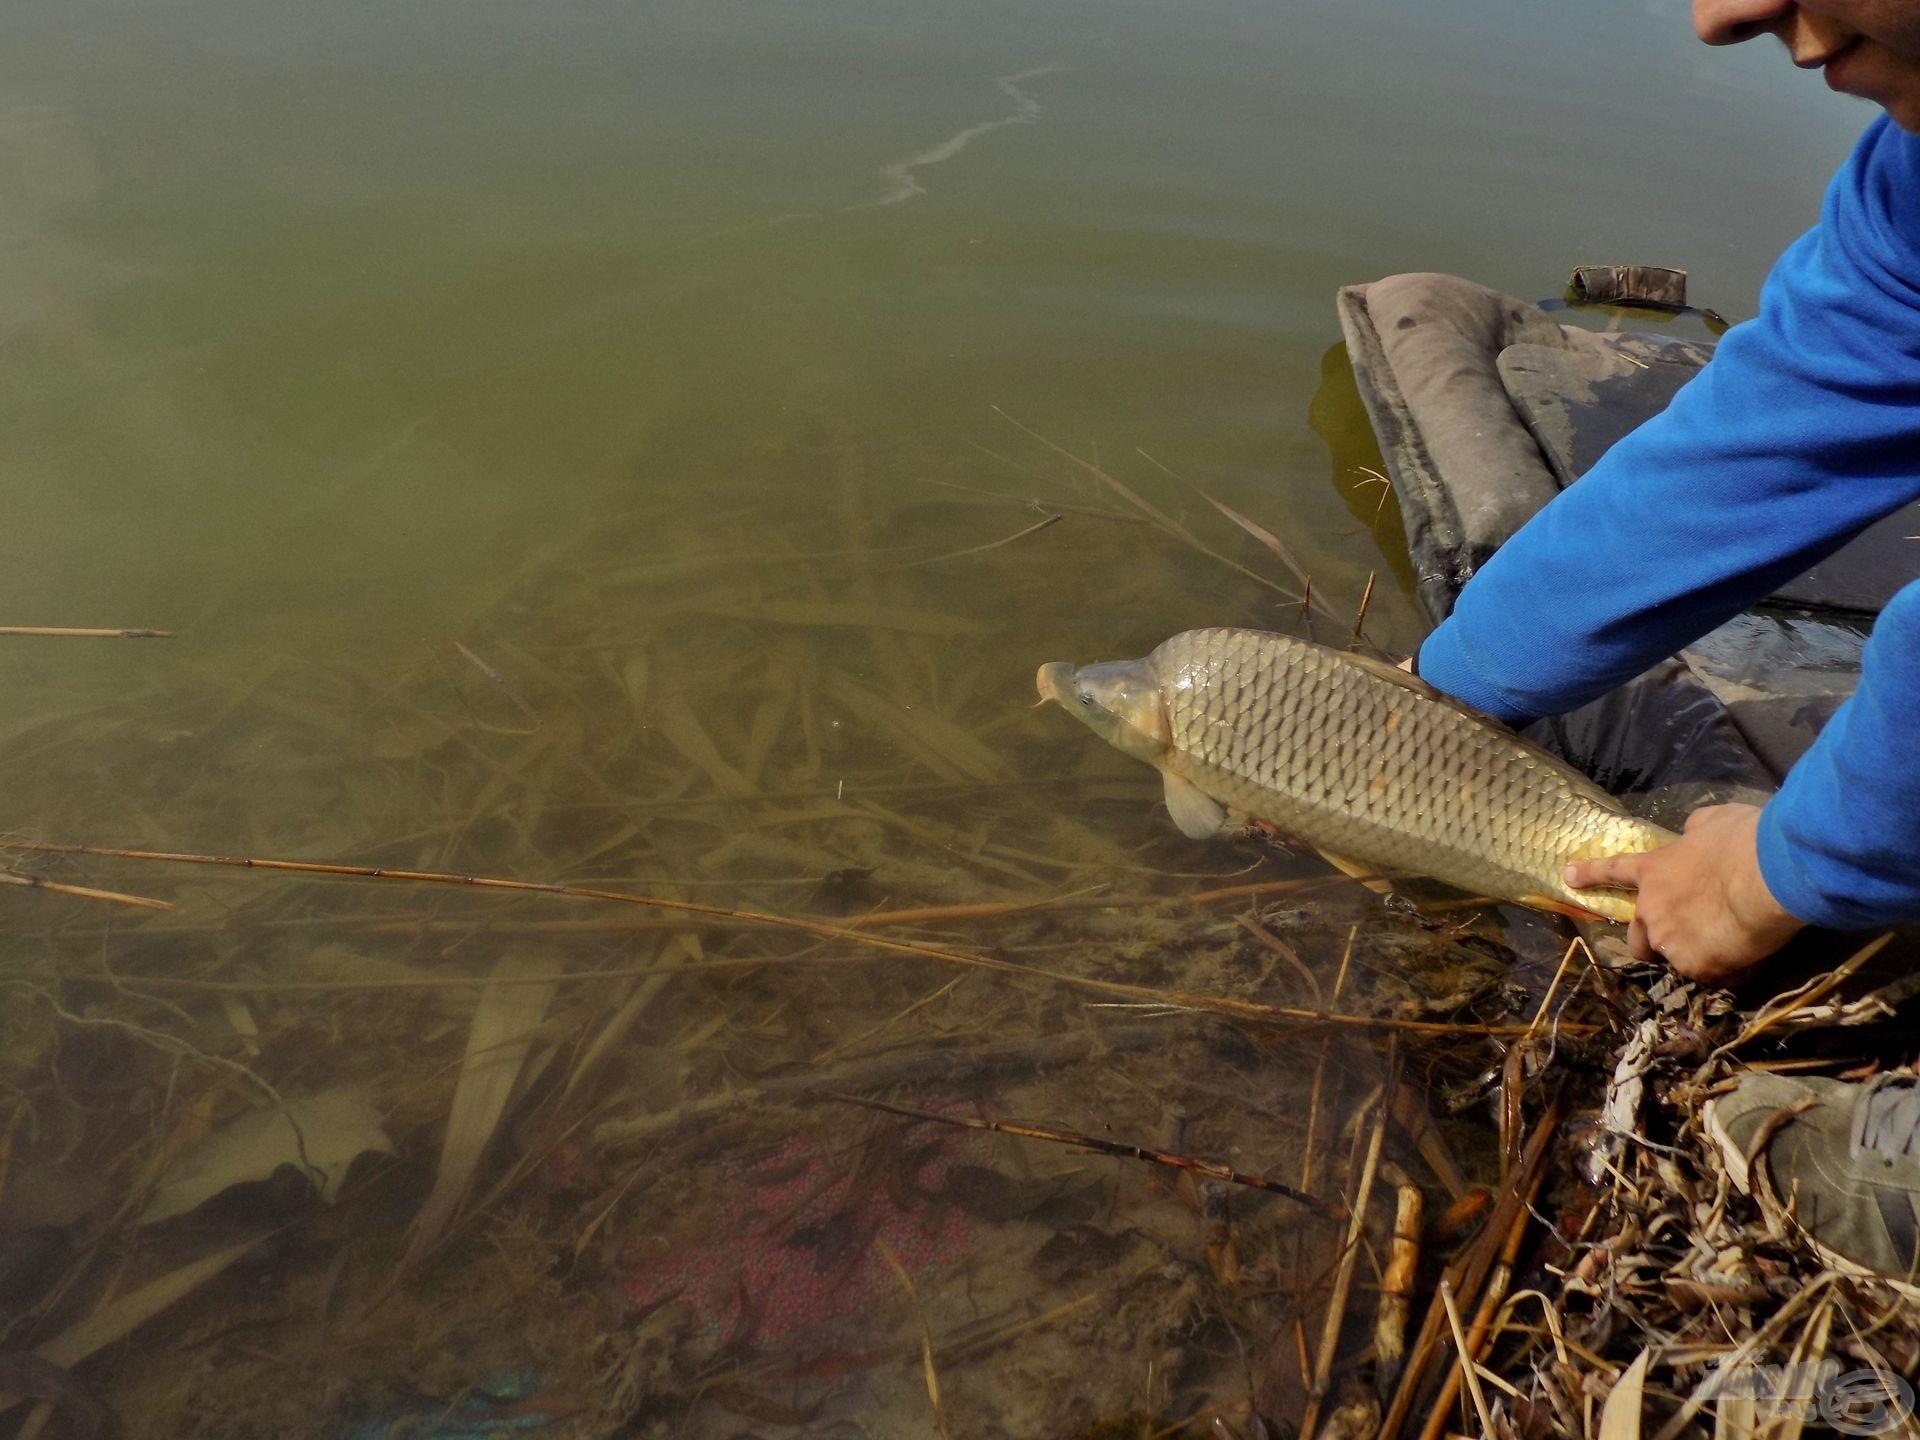 Ki tudja, talán 10 év múlva újra kézben tarthatjuk őket, nem kis örömet okozva számunkra! De ehhez alapkövetelmény a halak felé mutatott tisztelet, figyelem, védelem – mindenki részéről!